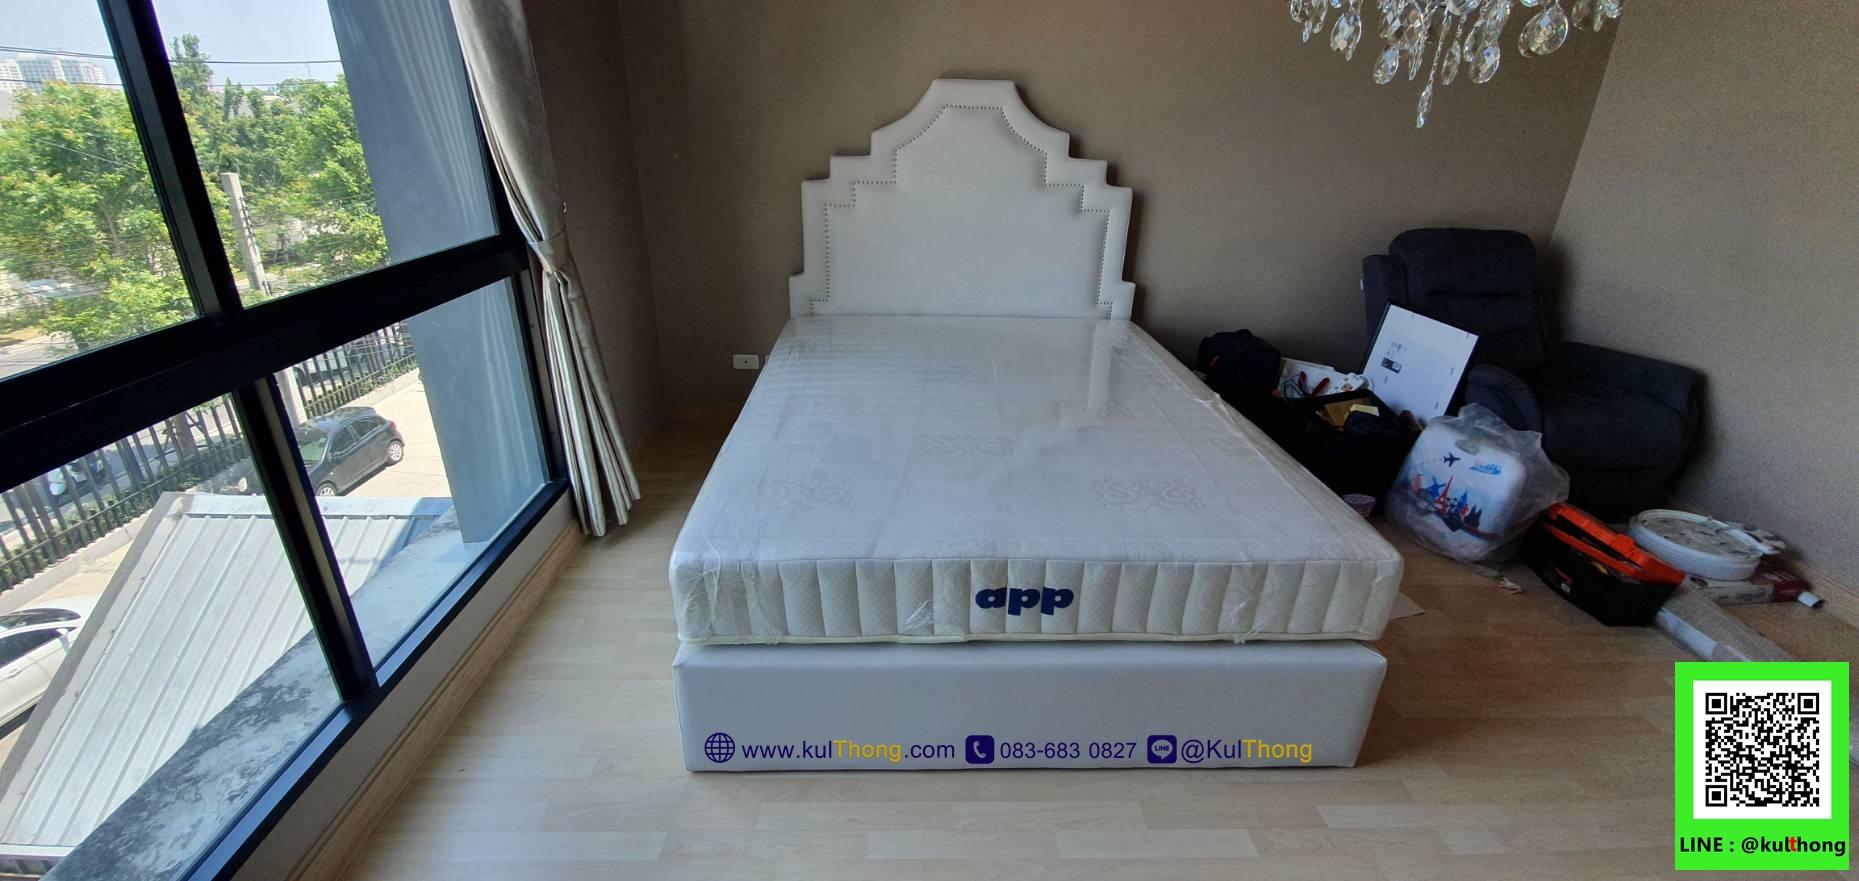 เตียงหุ้มหนัง หัวเตียงแบบขั้นบันได เตียงดีไซน์